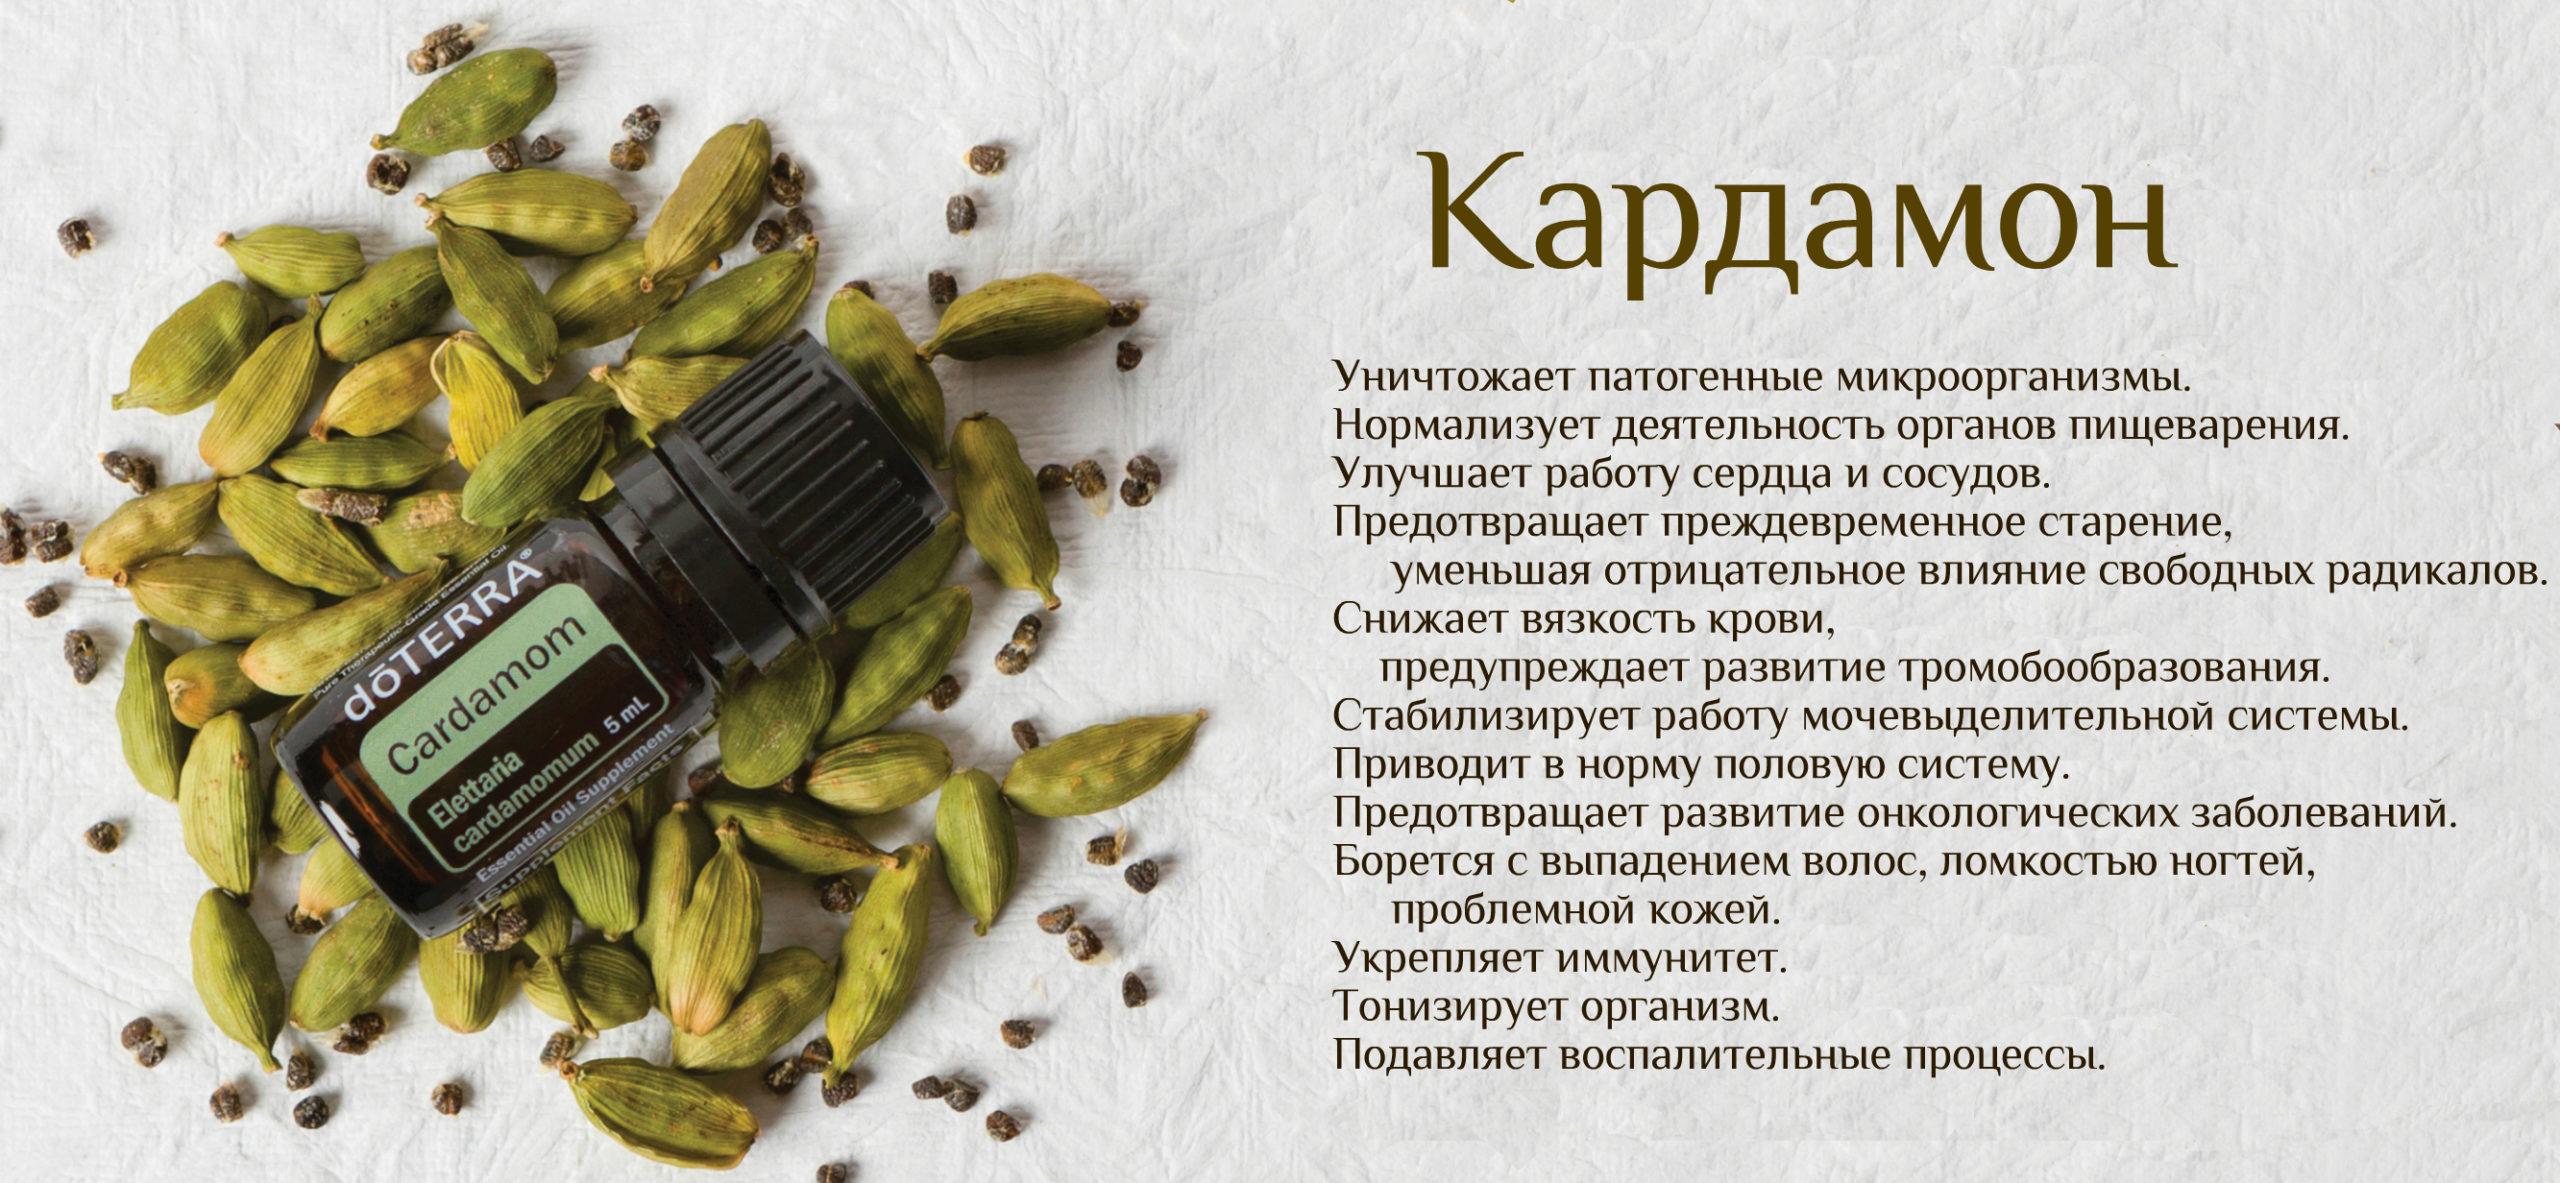 Кардамон - его польза и вред. применение и полезные свойства